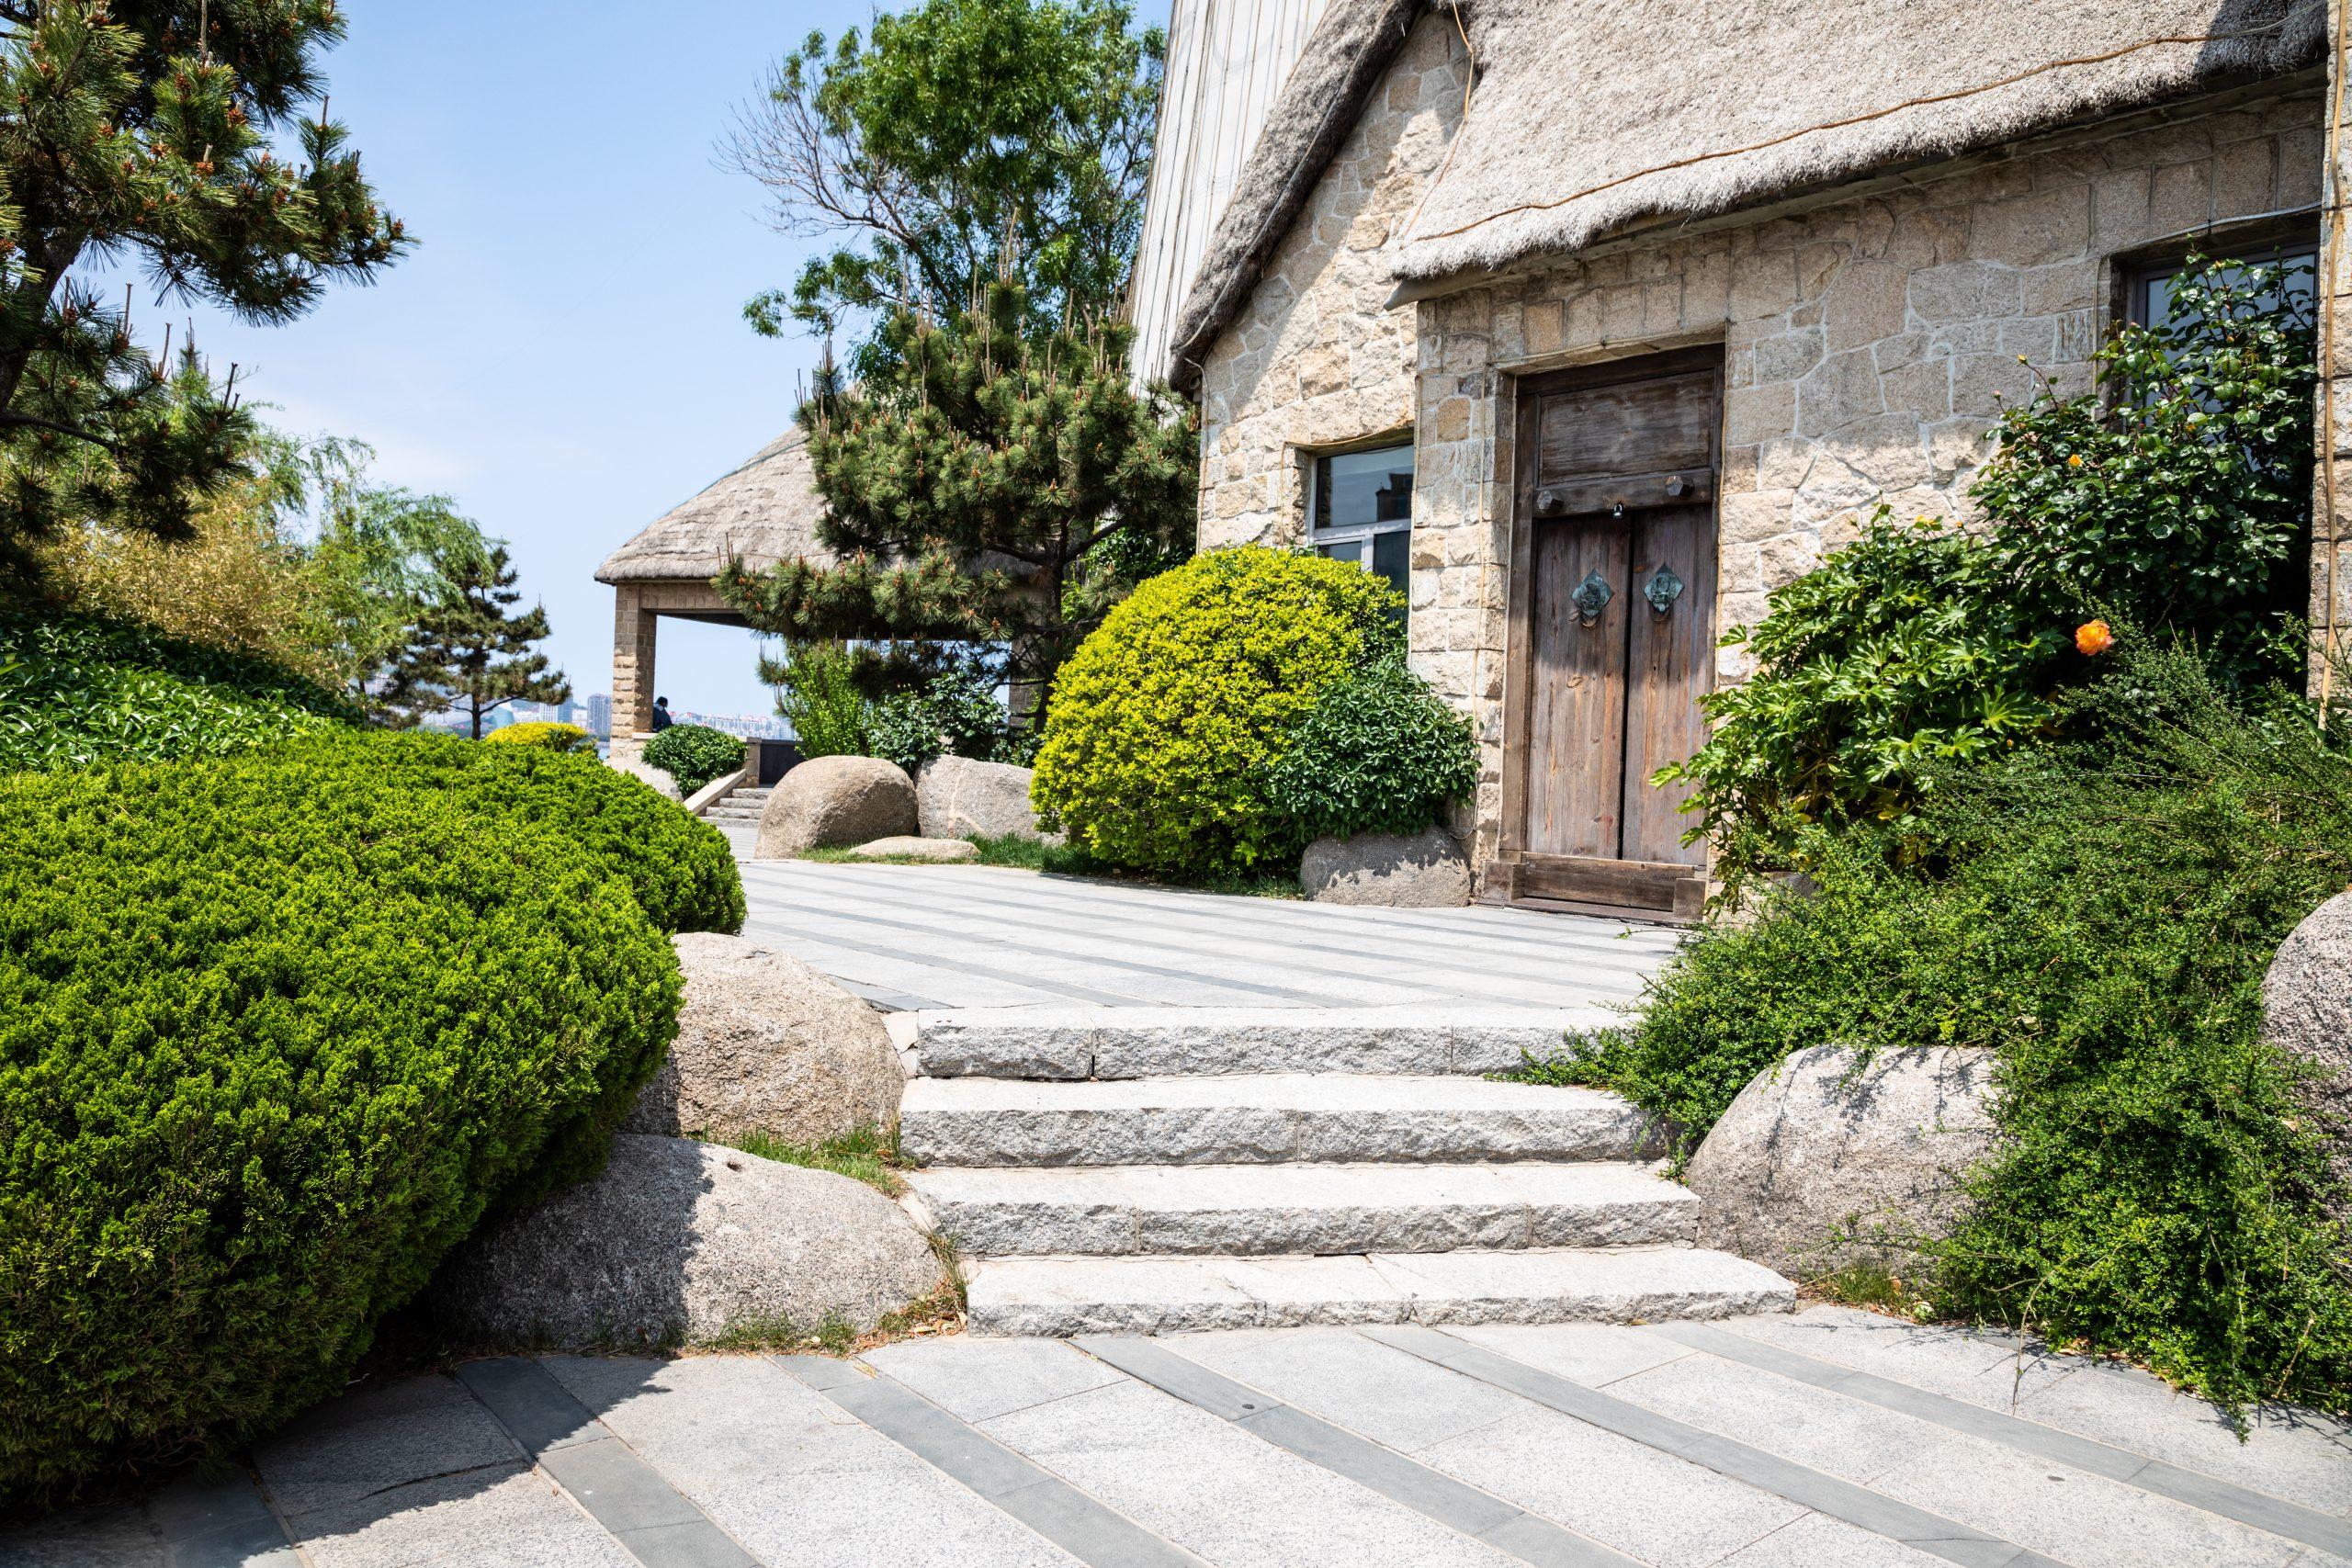 The Best Outdoor Flooring Options